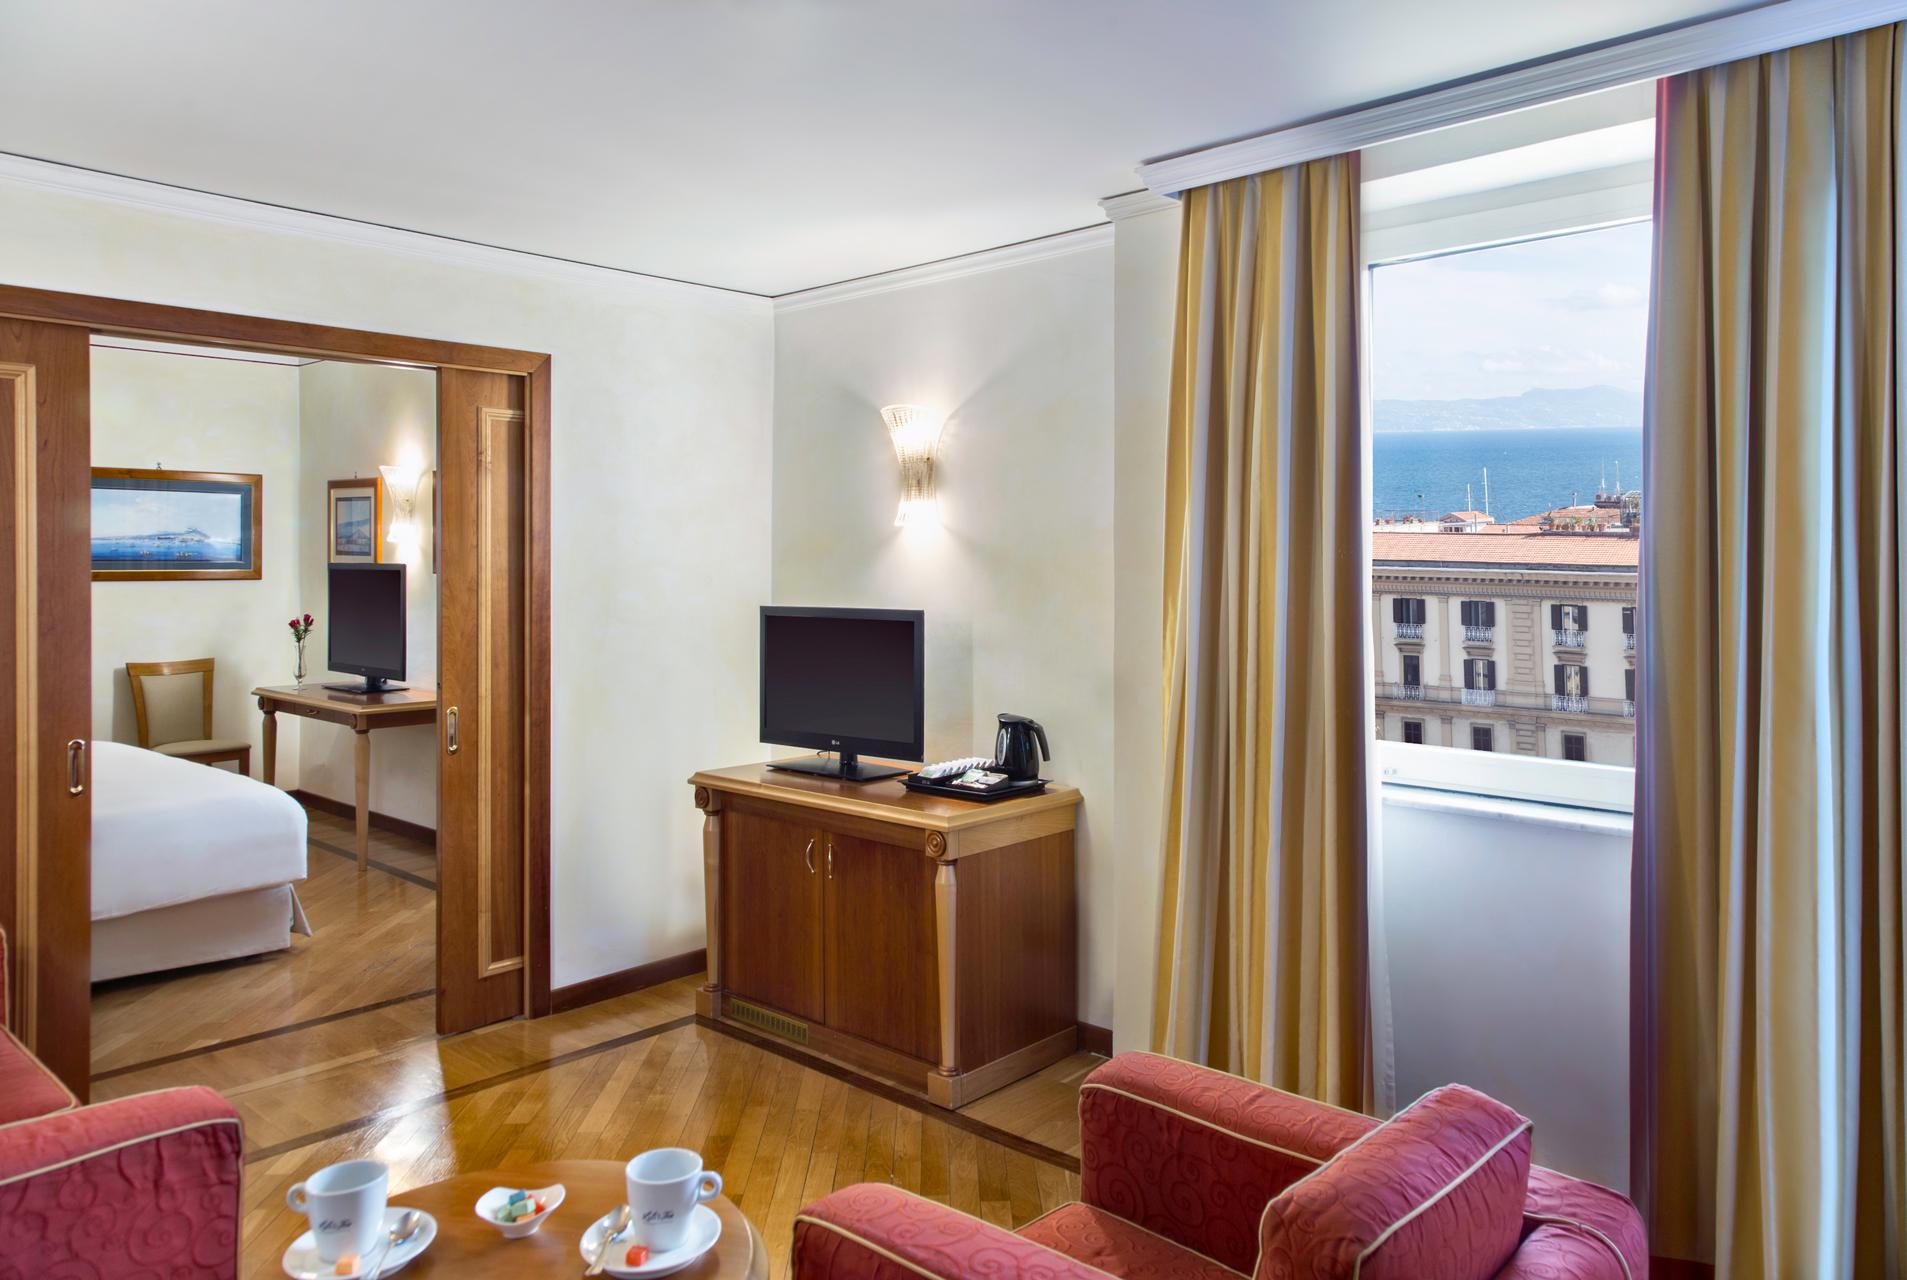 RH_NAPBR_hf_suite_panorama